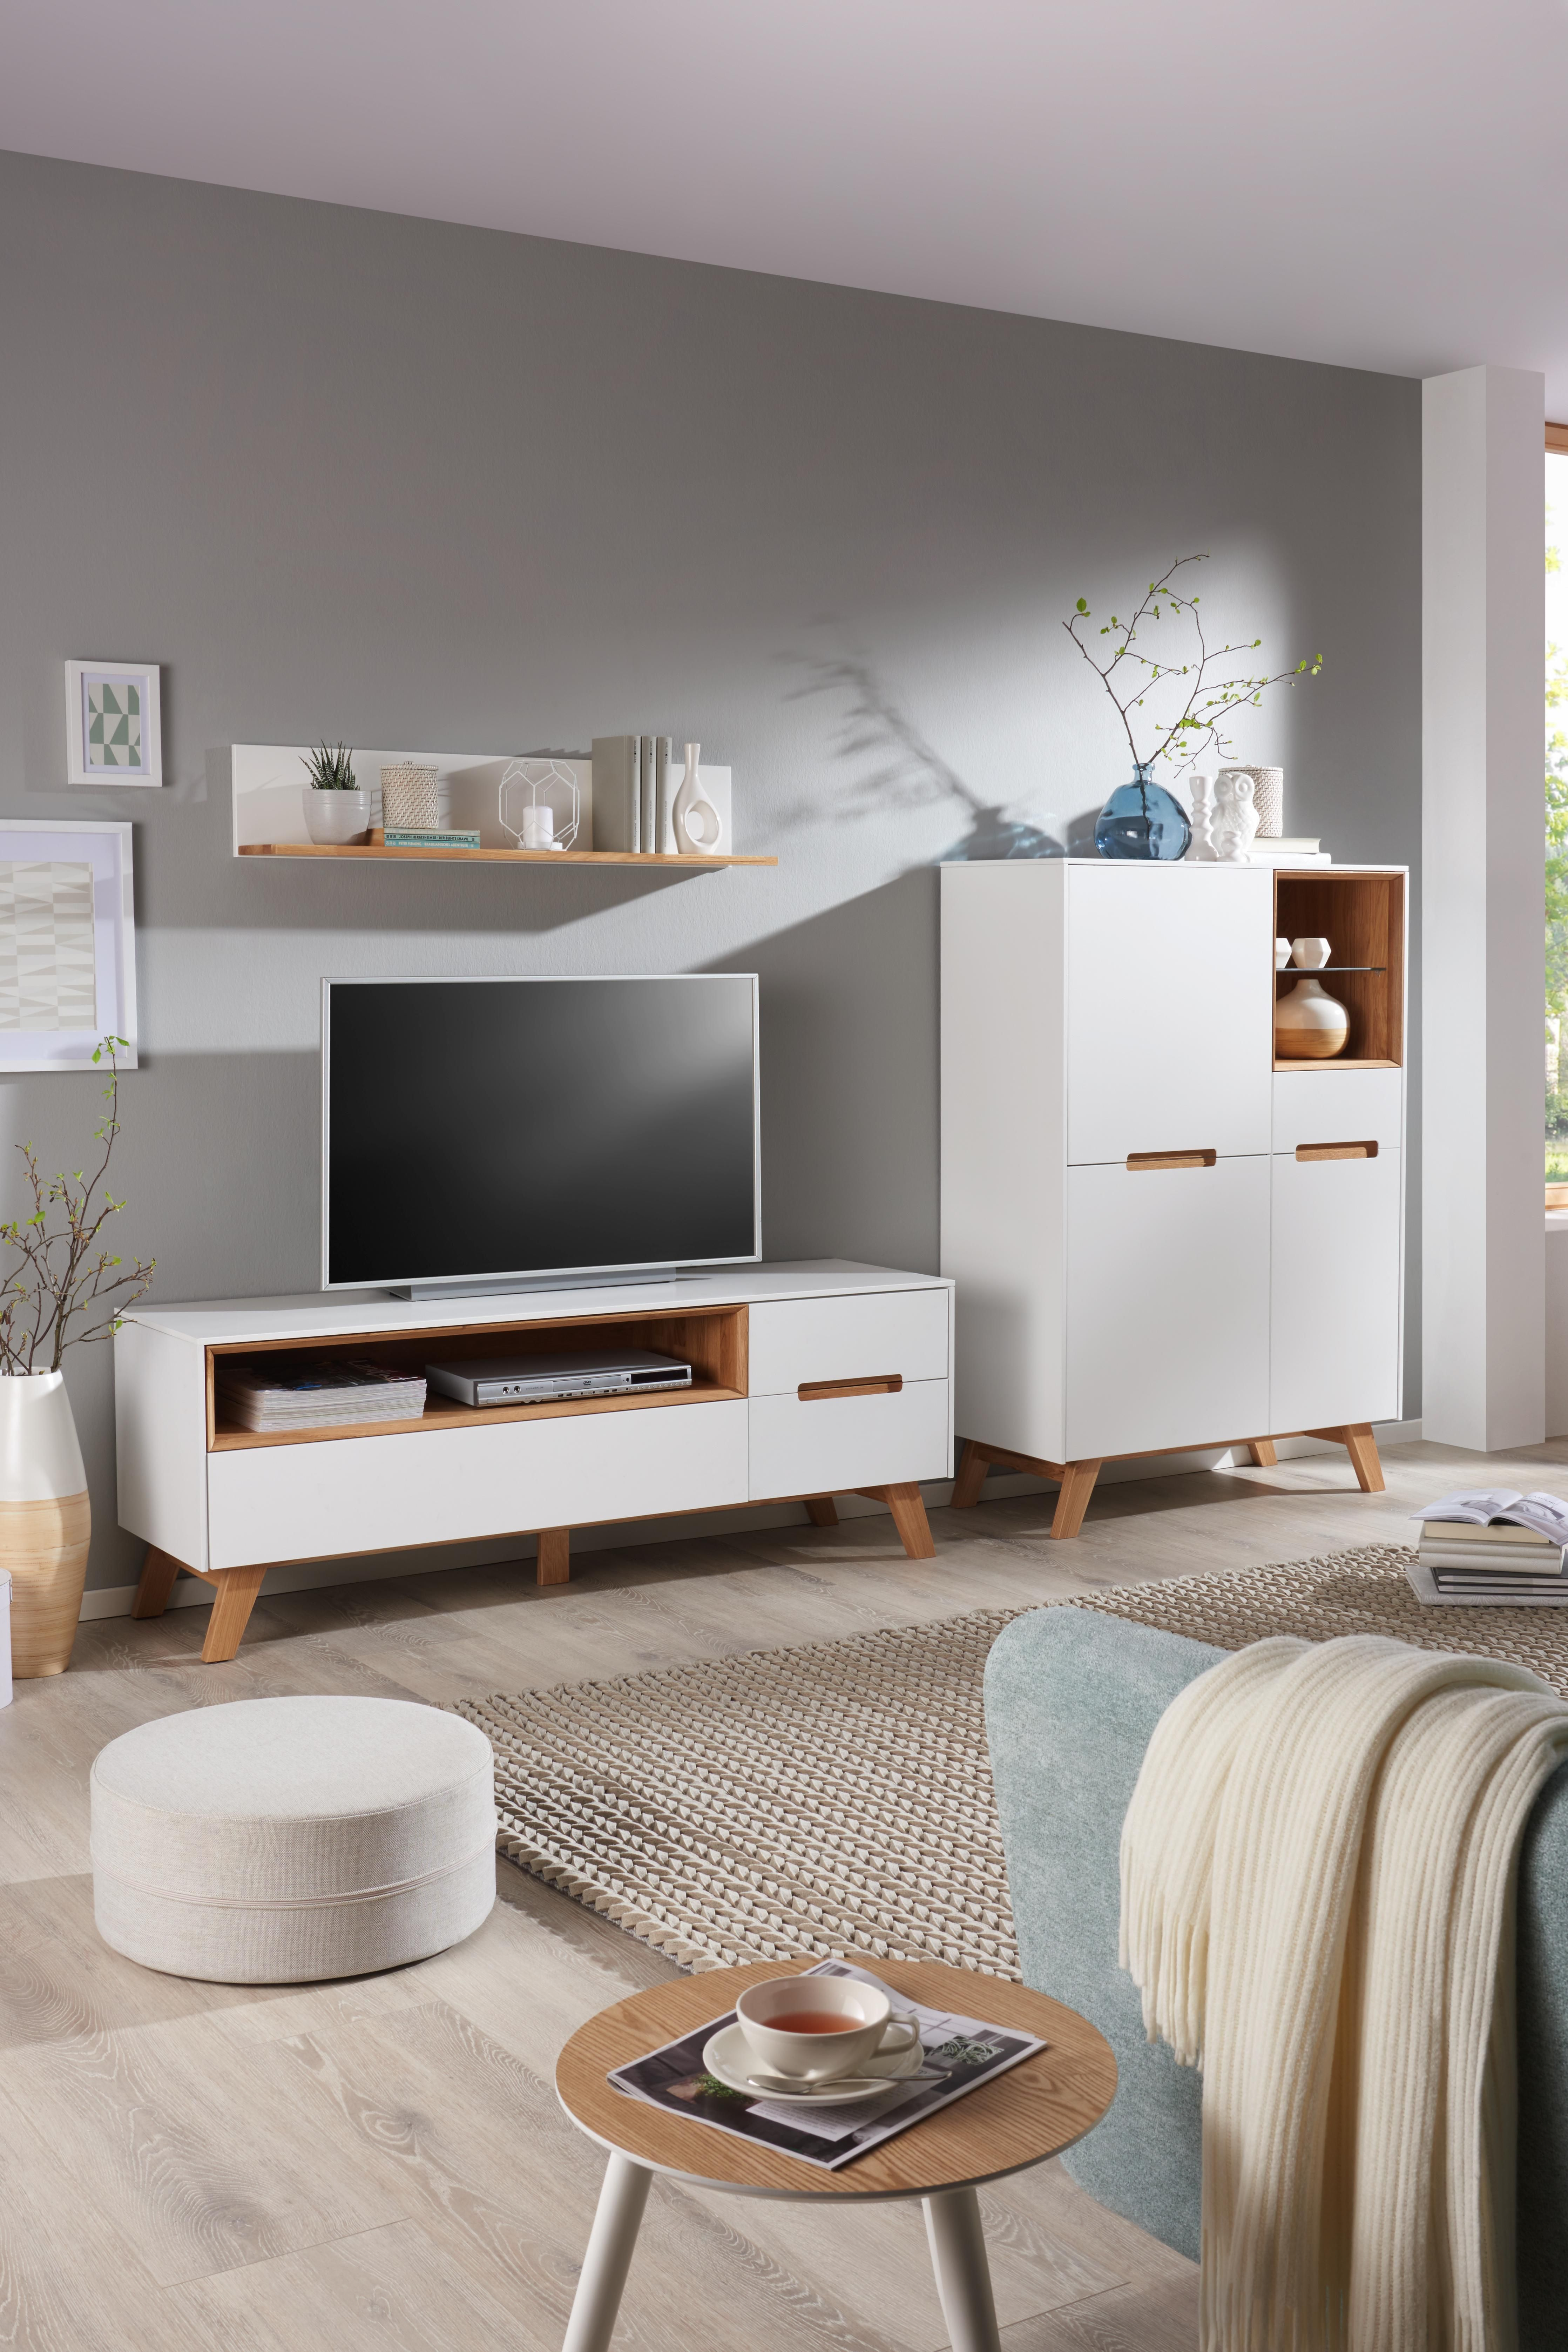 Weiße Wohnzimmer Möbel aus Holz Skandinavisch frisch und